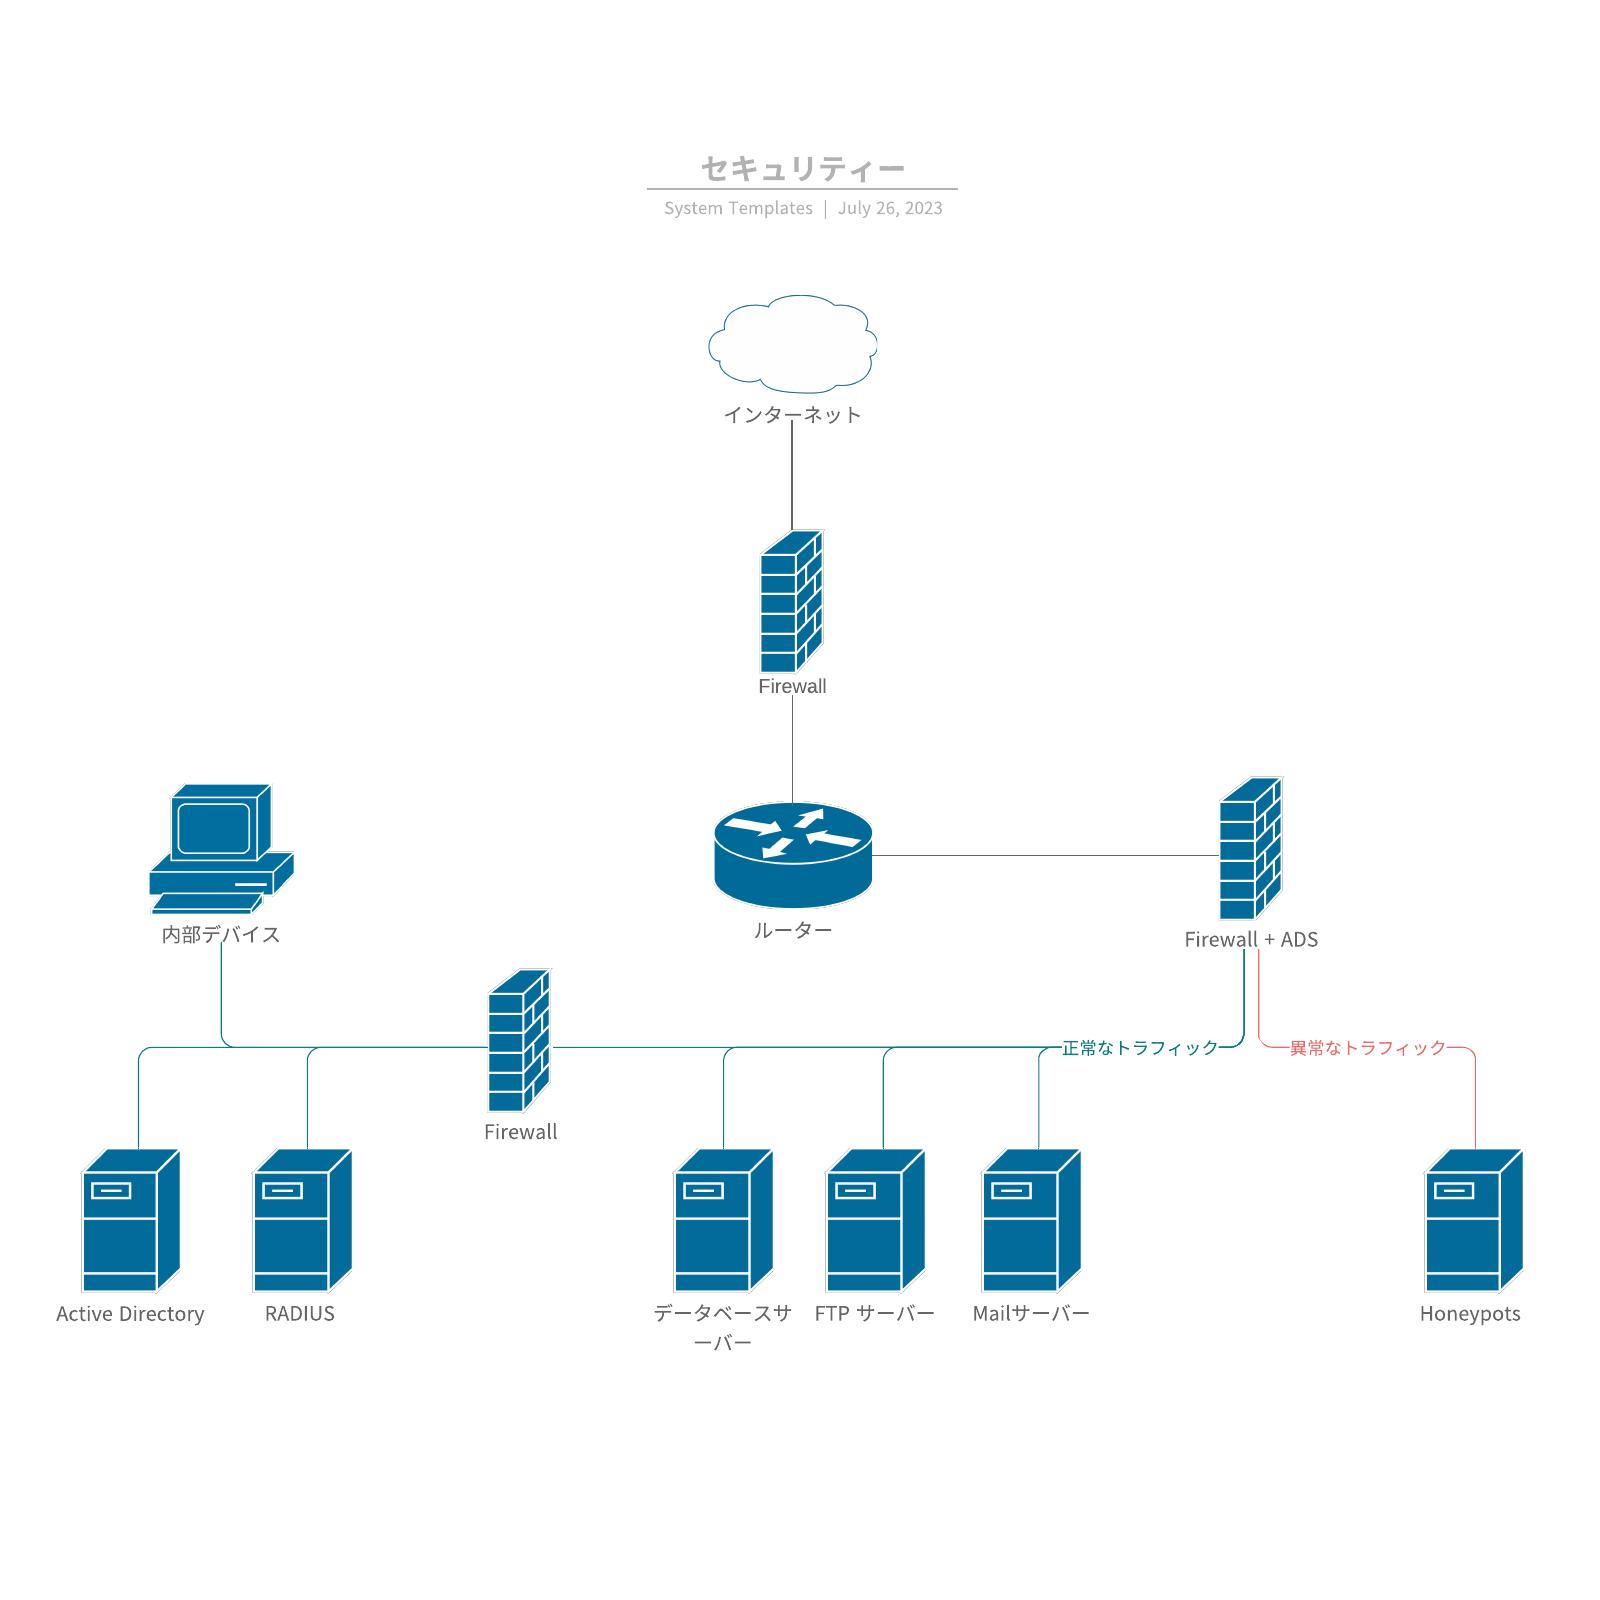 ネットワーク構成図セキュリティーテンプレート